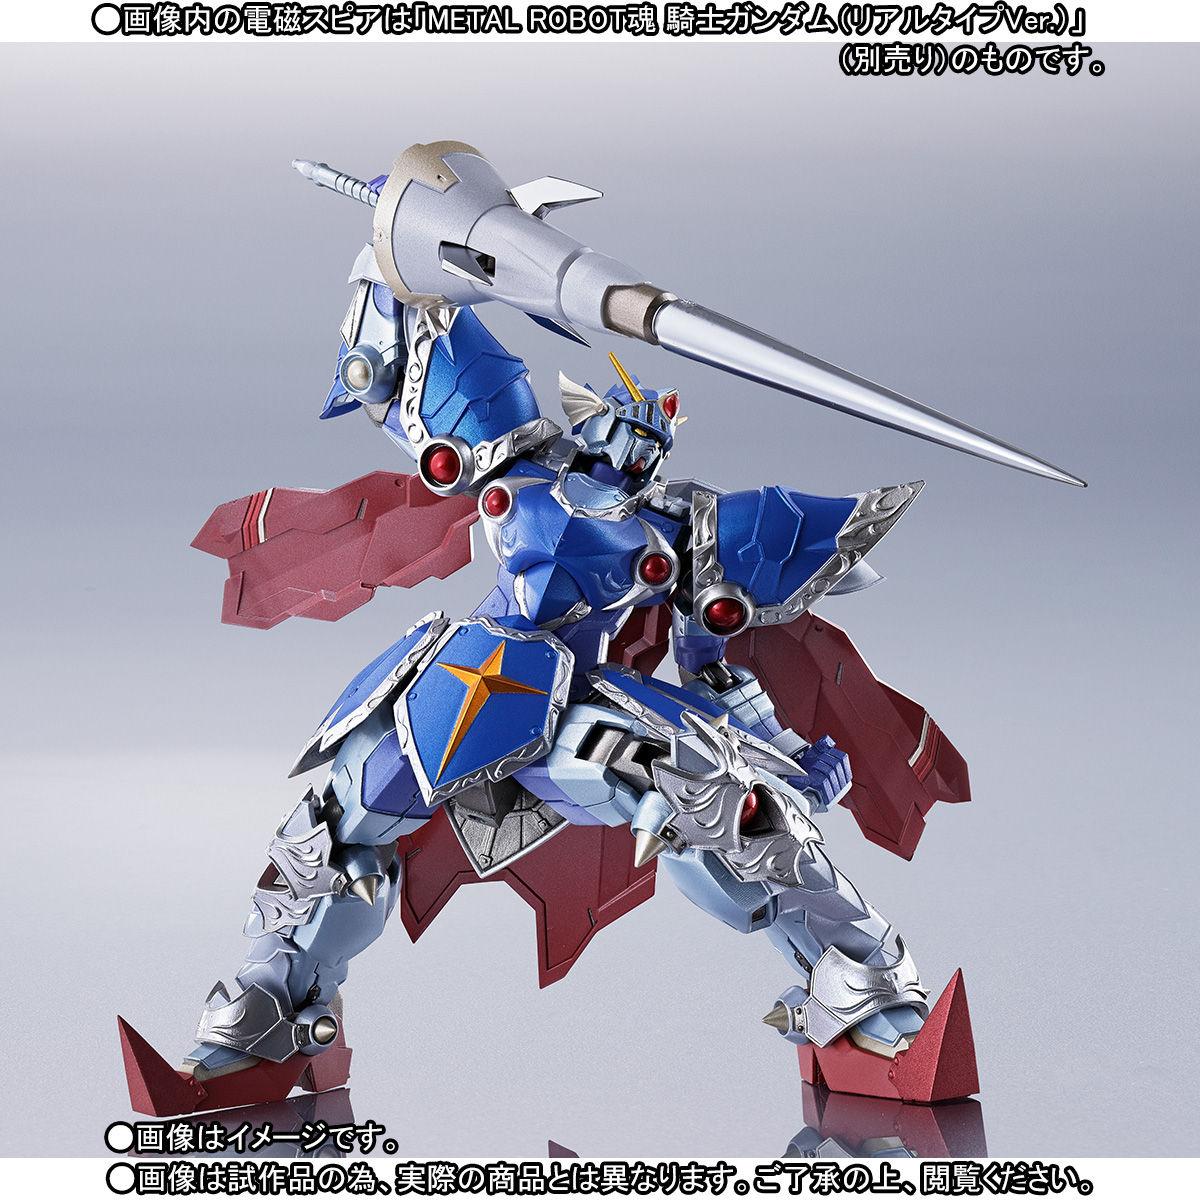 METAL ROBOT魂 〈SIDE MS〉『フルアーマー騎士ガンダム(リアルタイプver.)|SDガンダム外伝』可動フィギュア-006